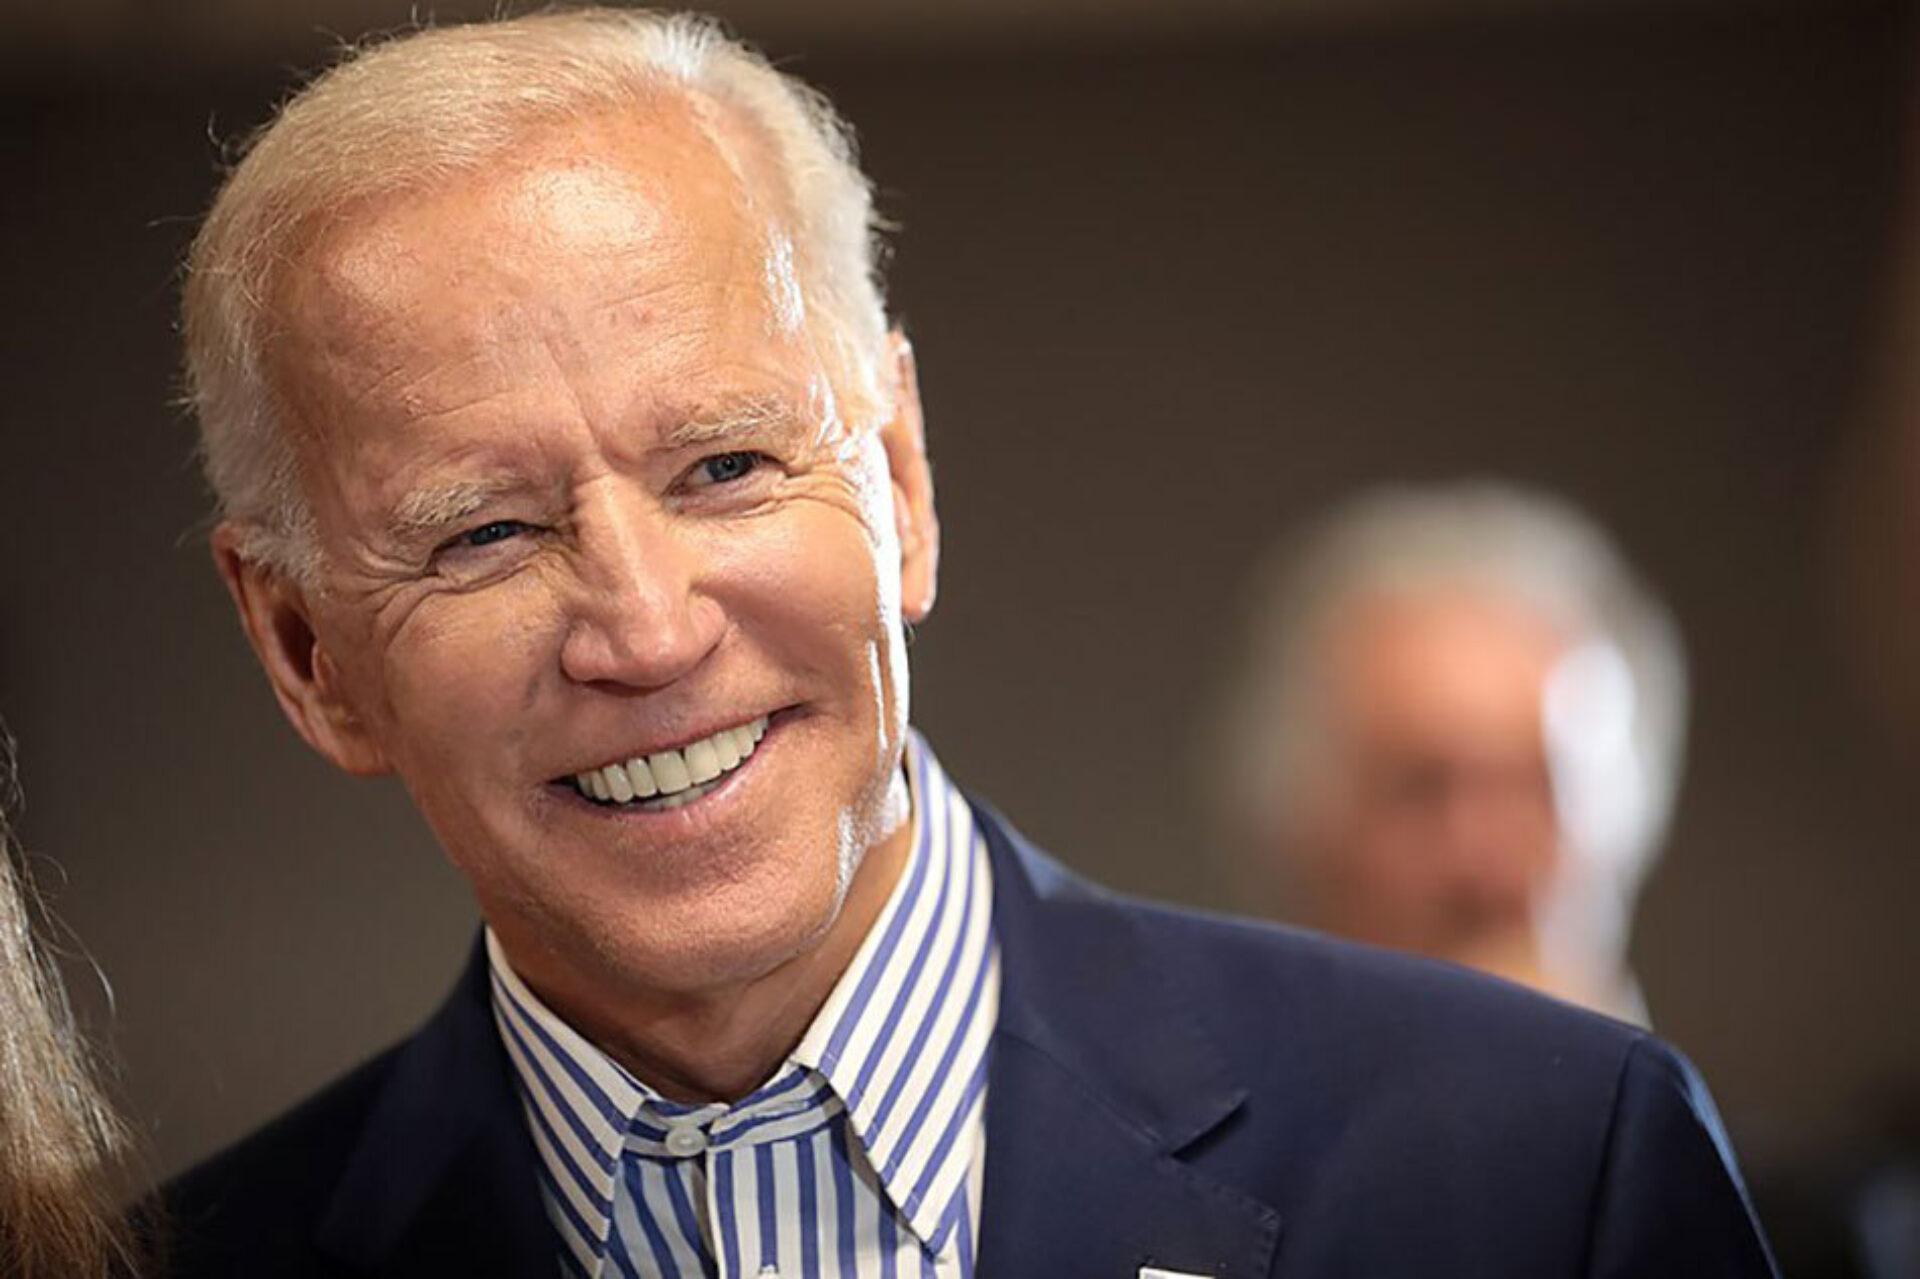 Een astrologische analyse van Joe Biden: de tweede katholieke president van de VS